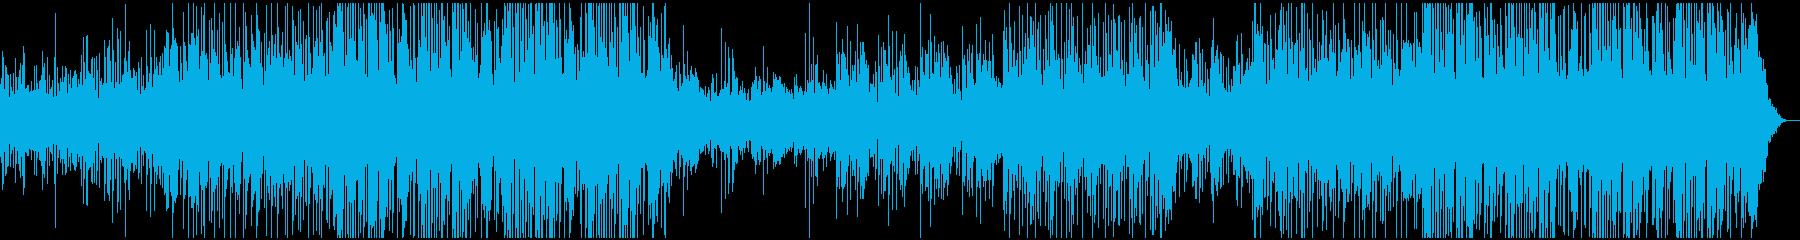 電子的サウンド、アルペジエーター、...の再生済みの波形